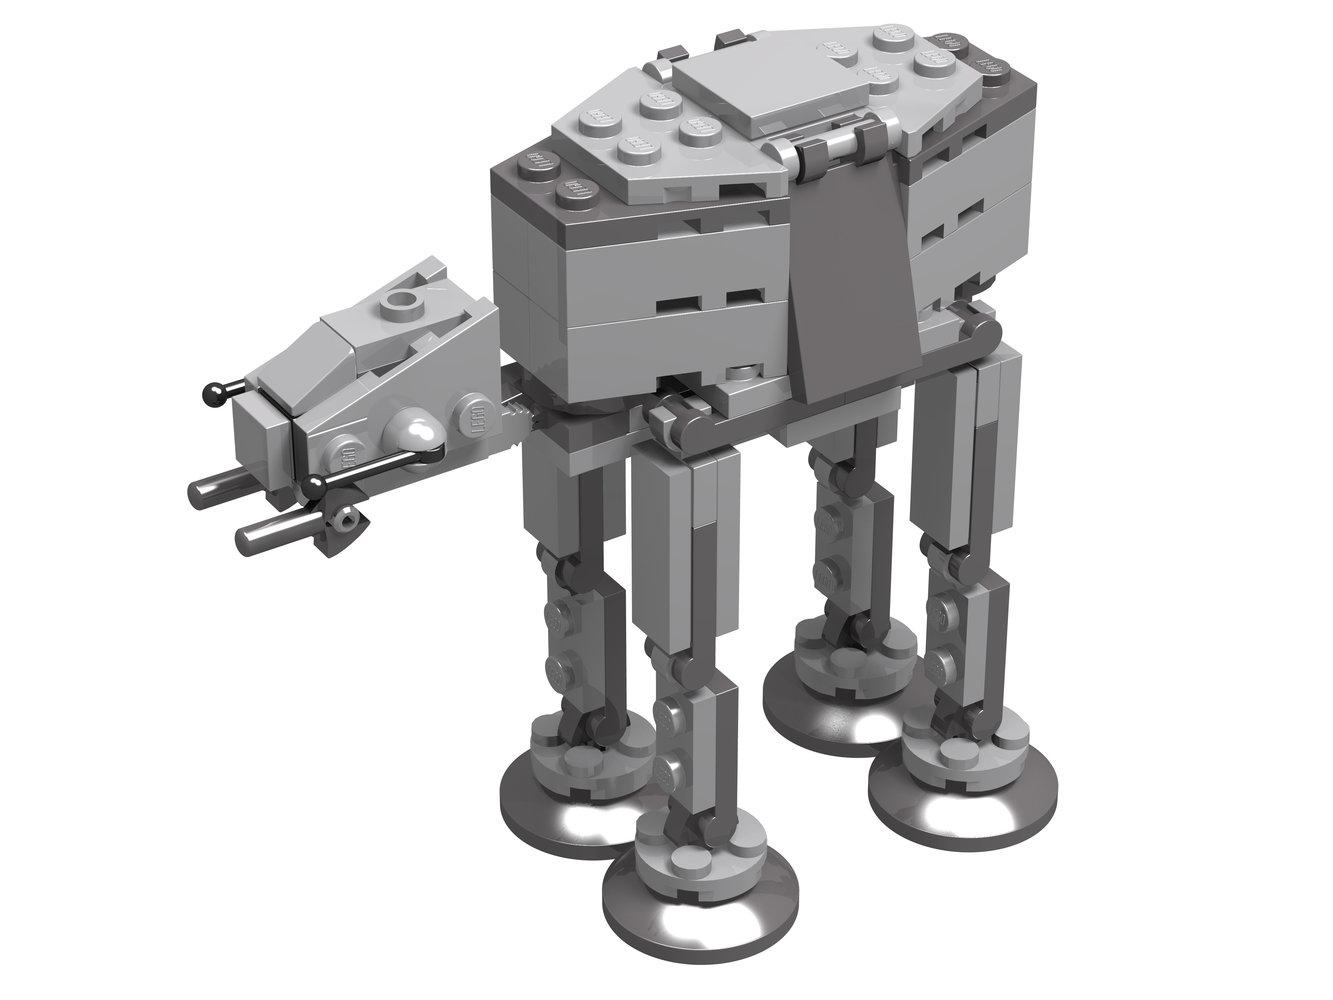 AT-AT Walker - Mini